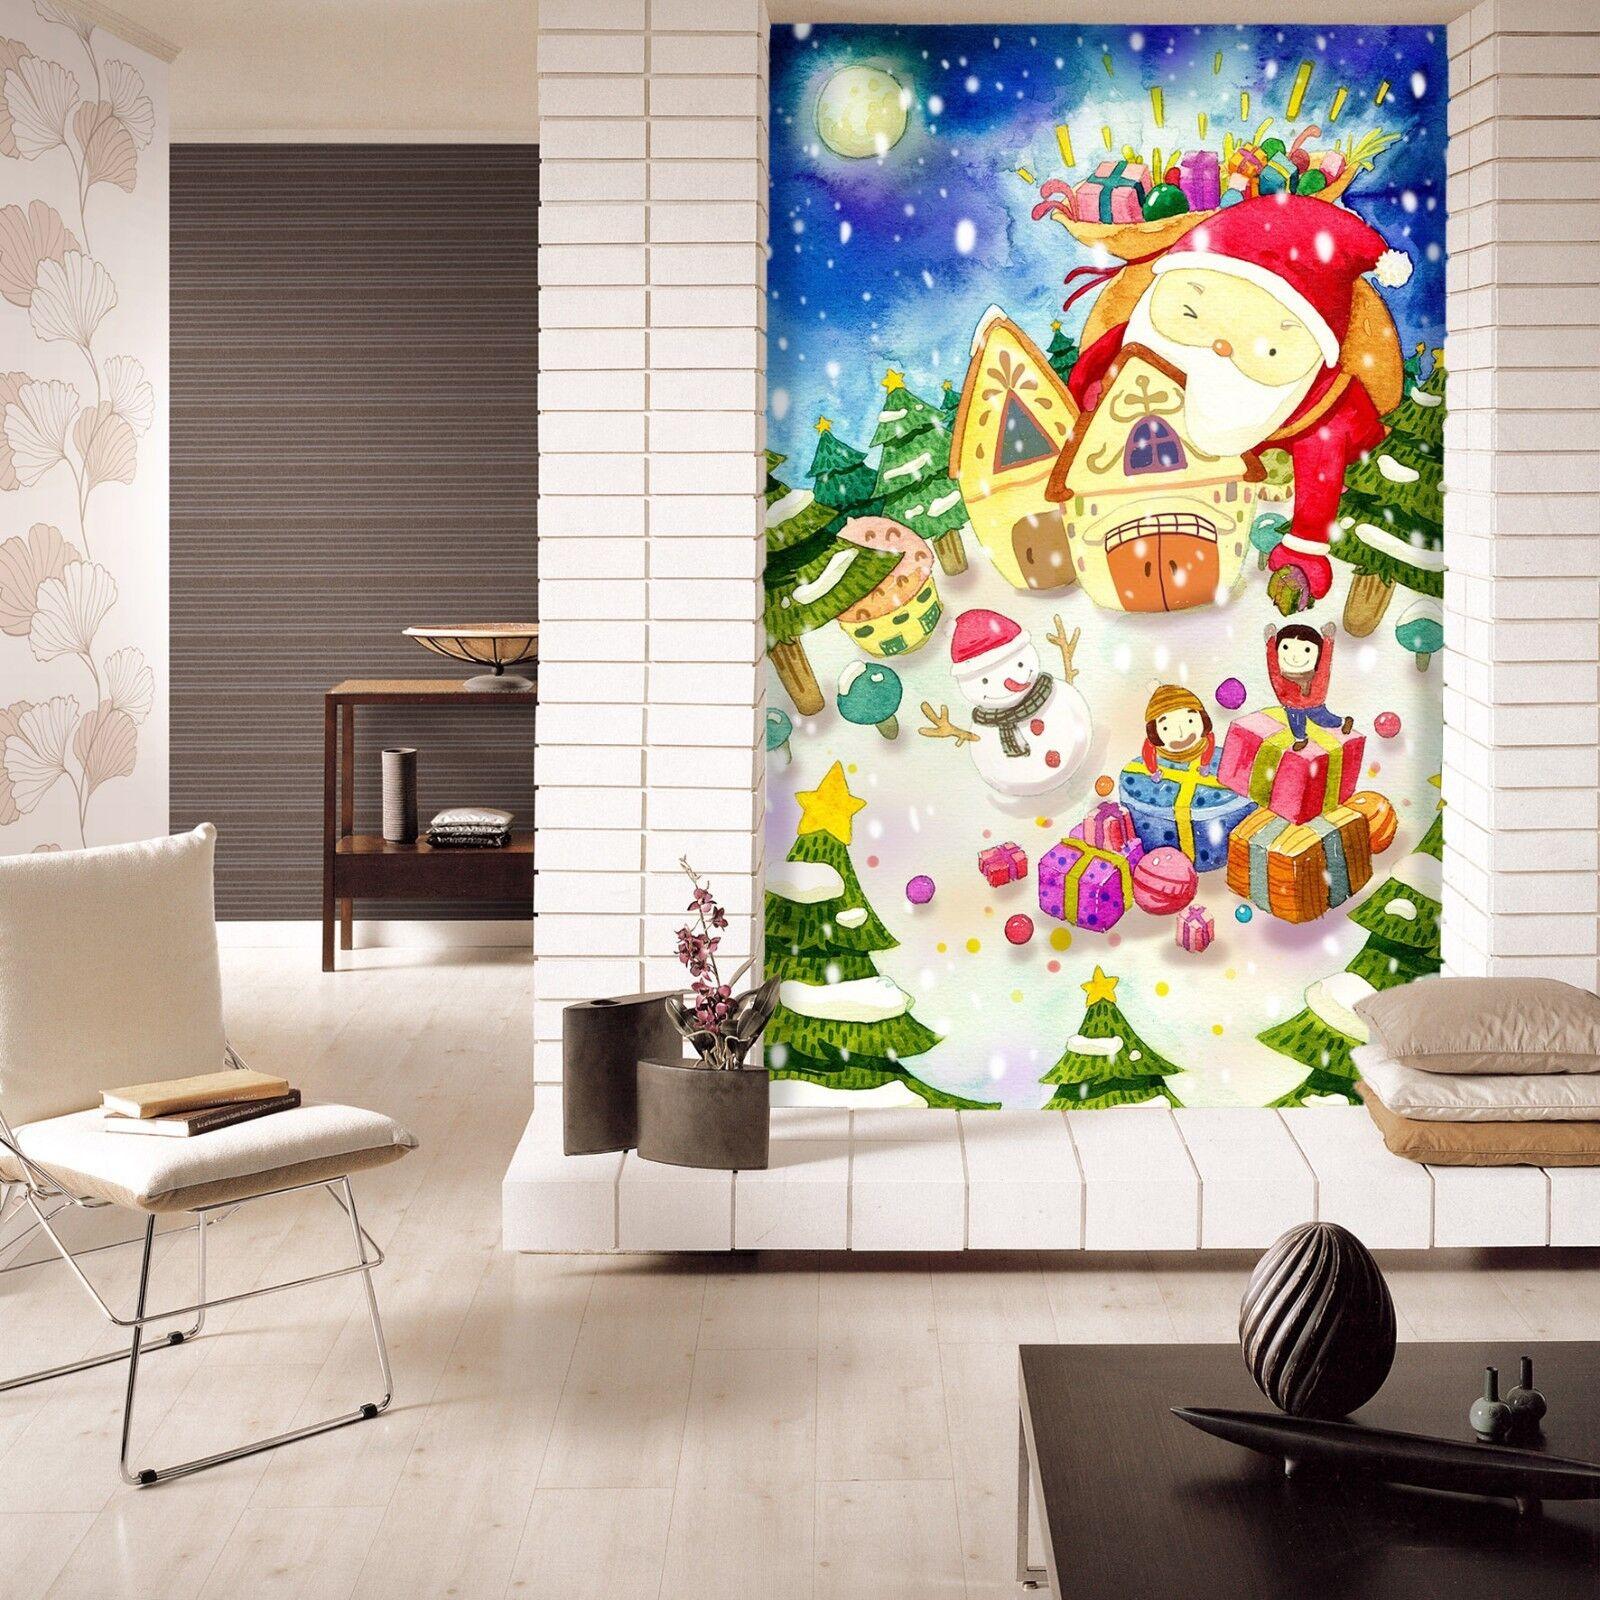 3D Santa Claus 504 Wallpaper Murals Wall Print Wallpaper Mural AJ WALLPAPER UK